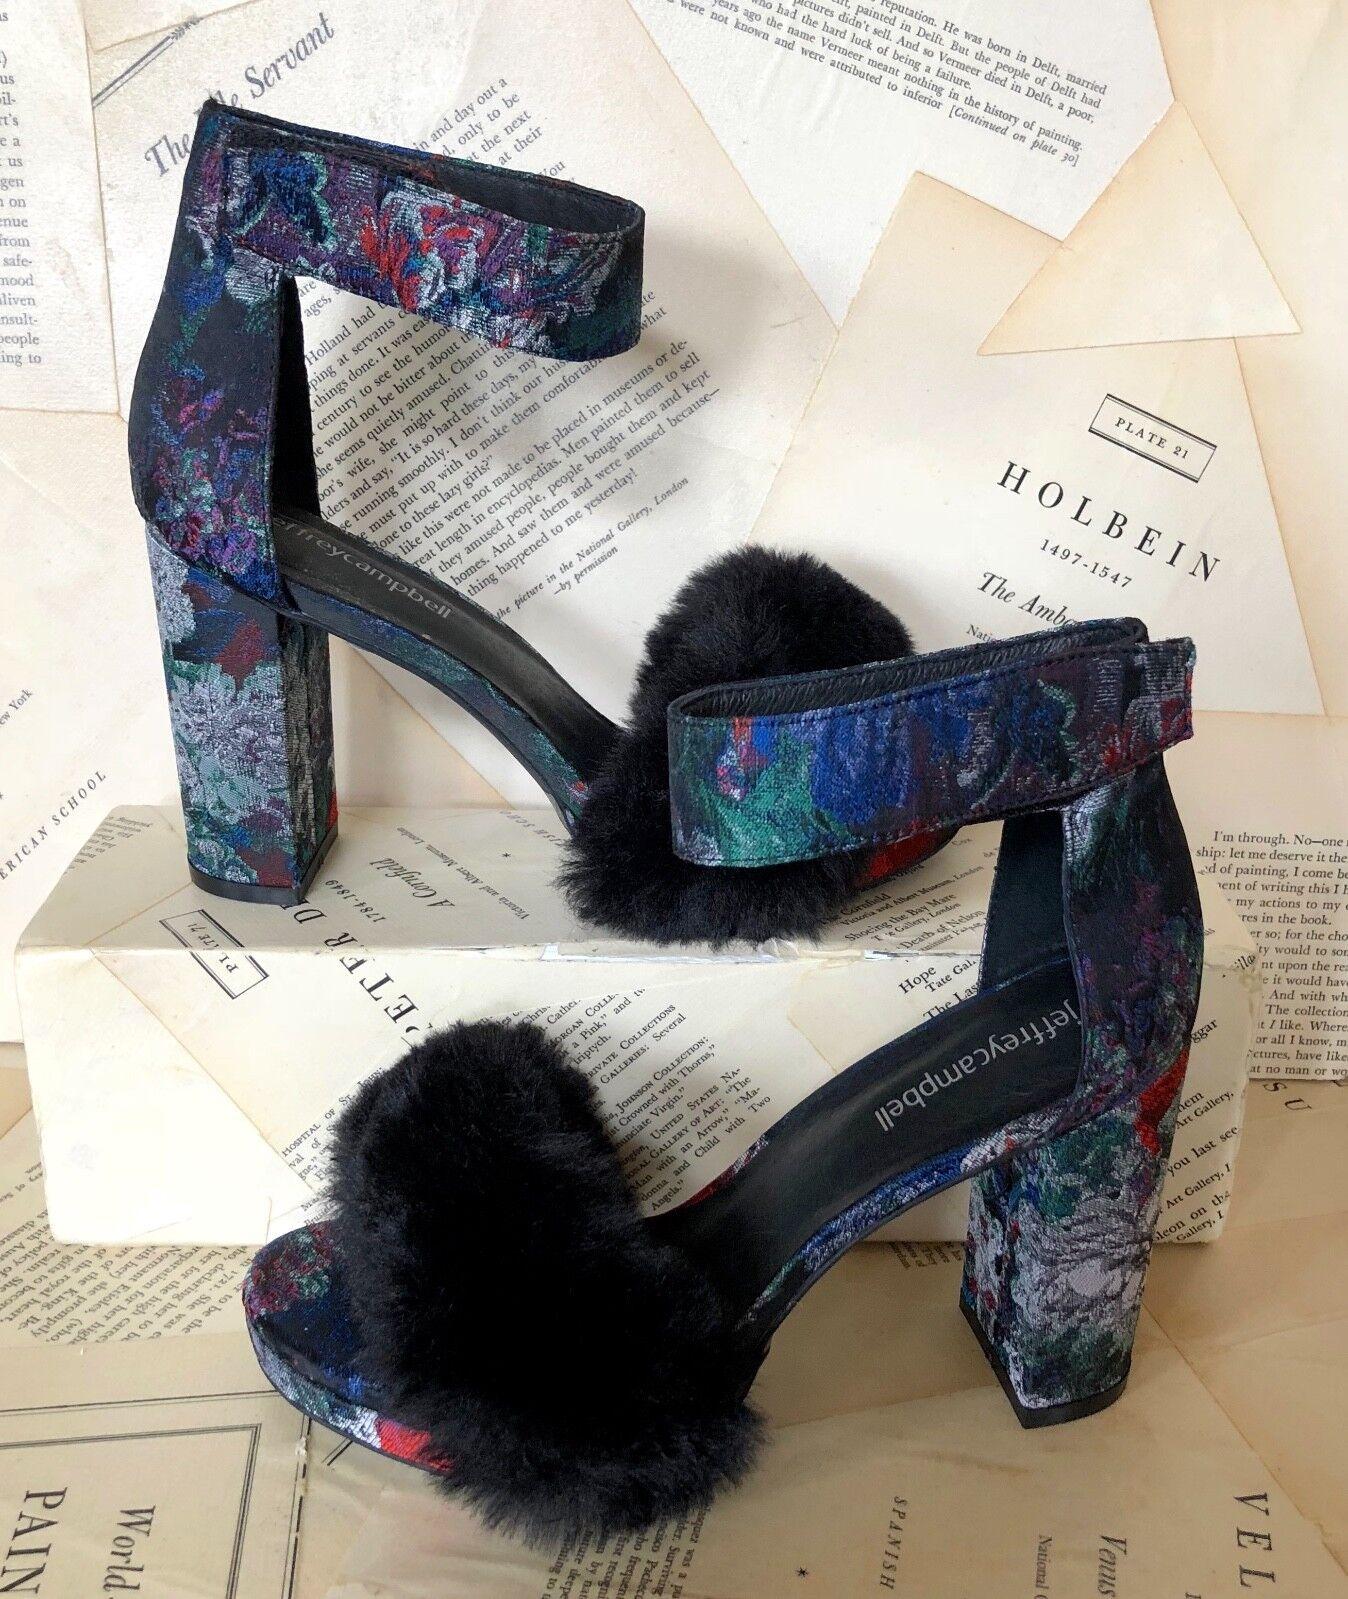 Nuevo En Caja Jeffrey Campbell Azul Negro Negro Negro Sandalia De Tacón De Plataforma Piel Brocado 8  más vendido